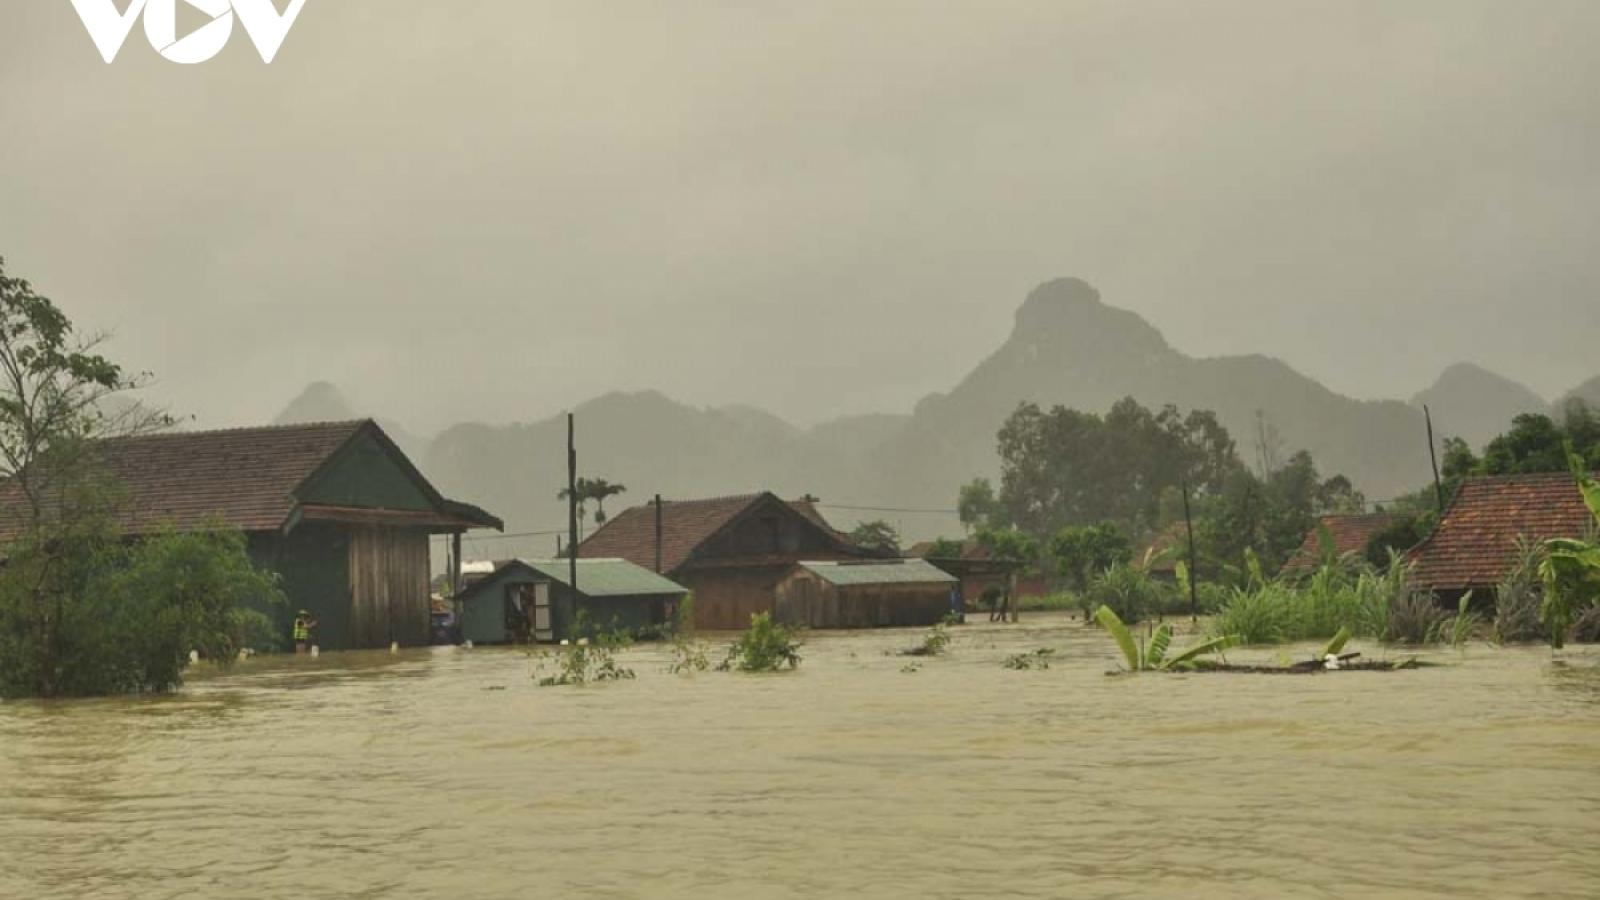 Hà Tĩnh và Quảng Bình nhiều tuyến giao thông bị chia cắt do mưa lũ